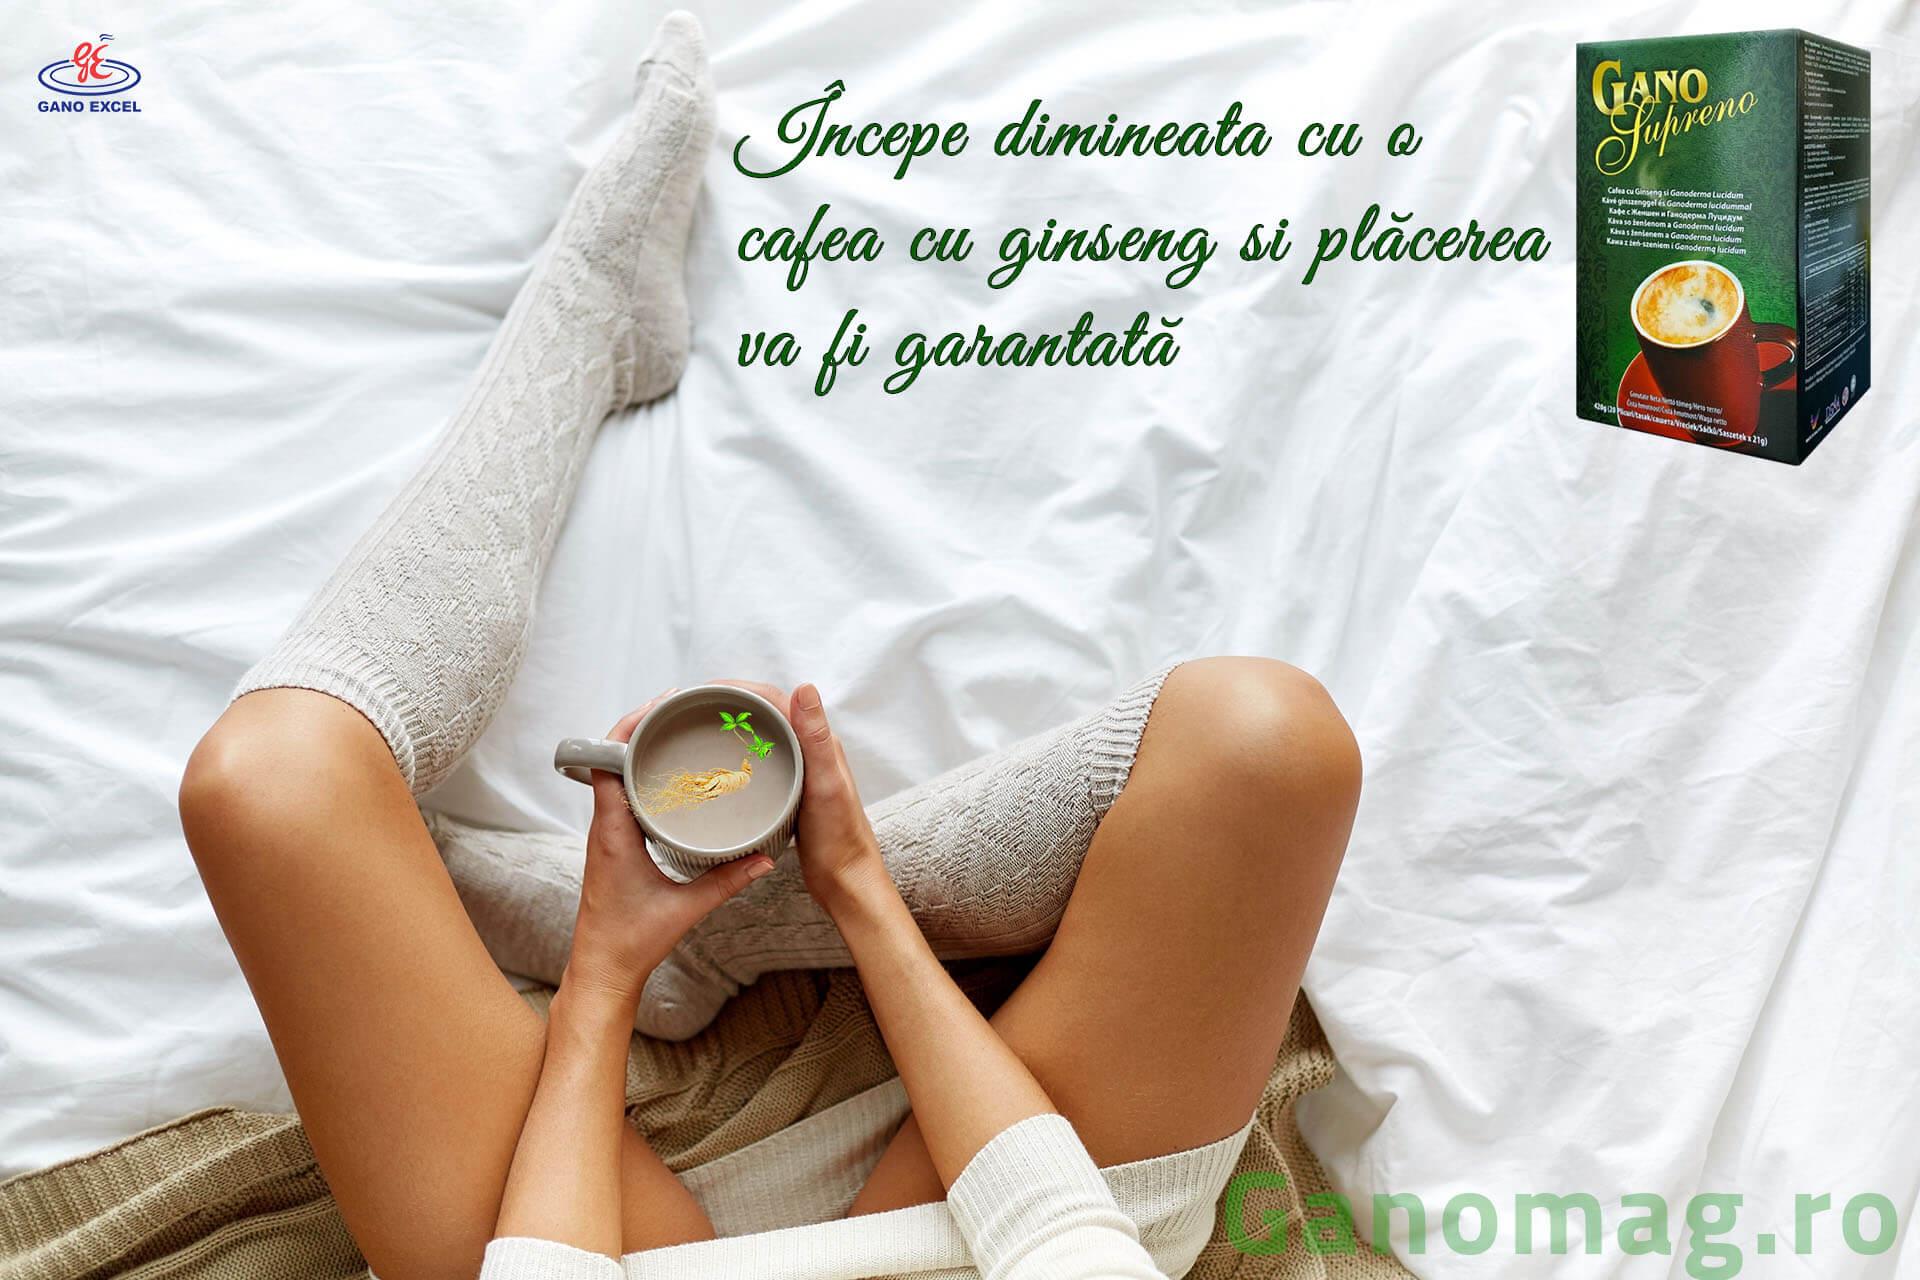 Gano Cafea Supreno